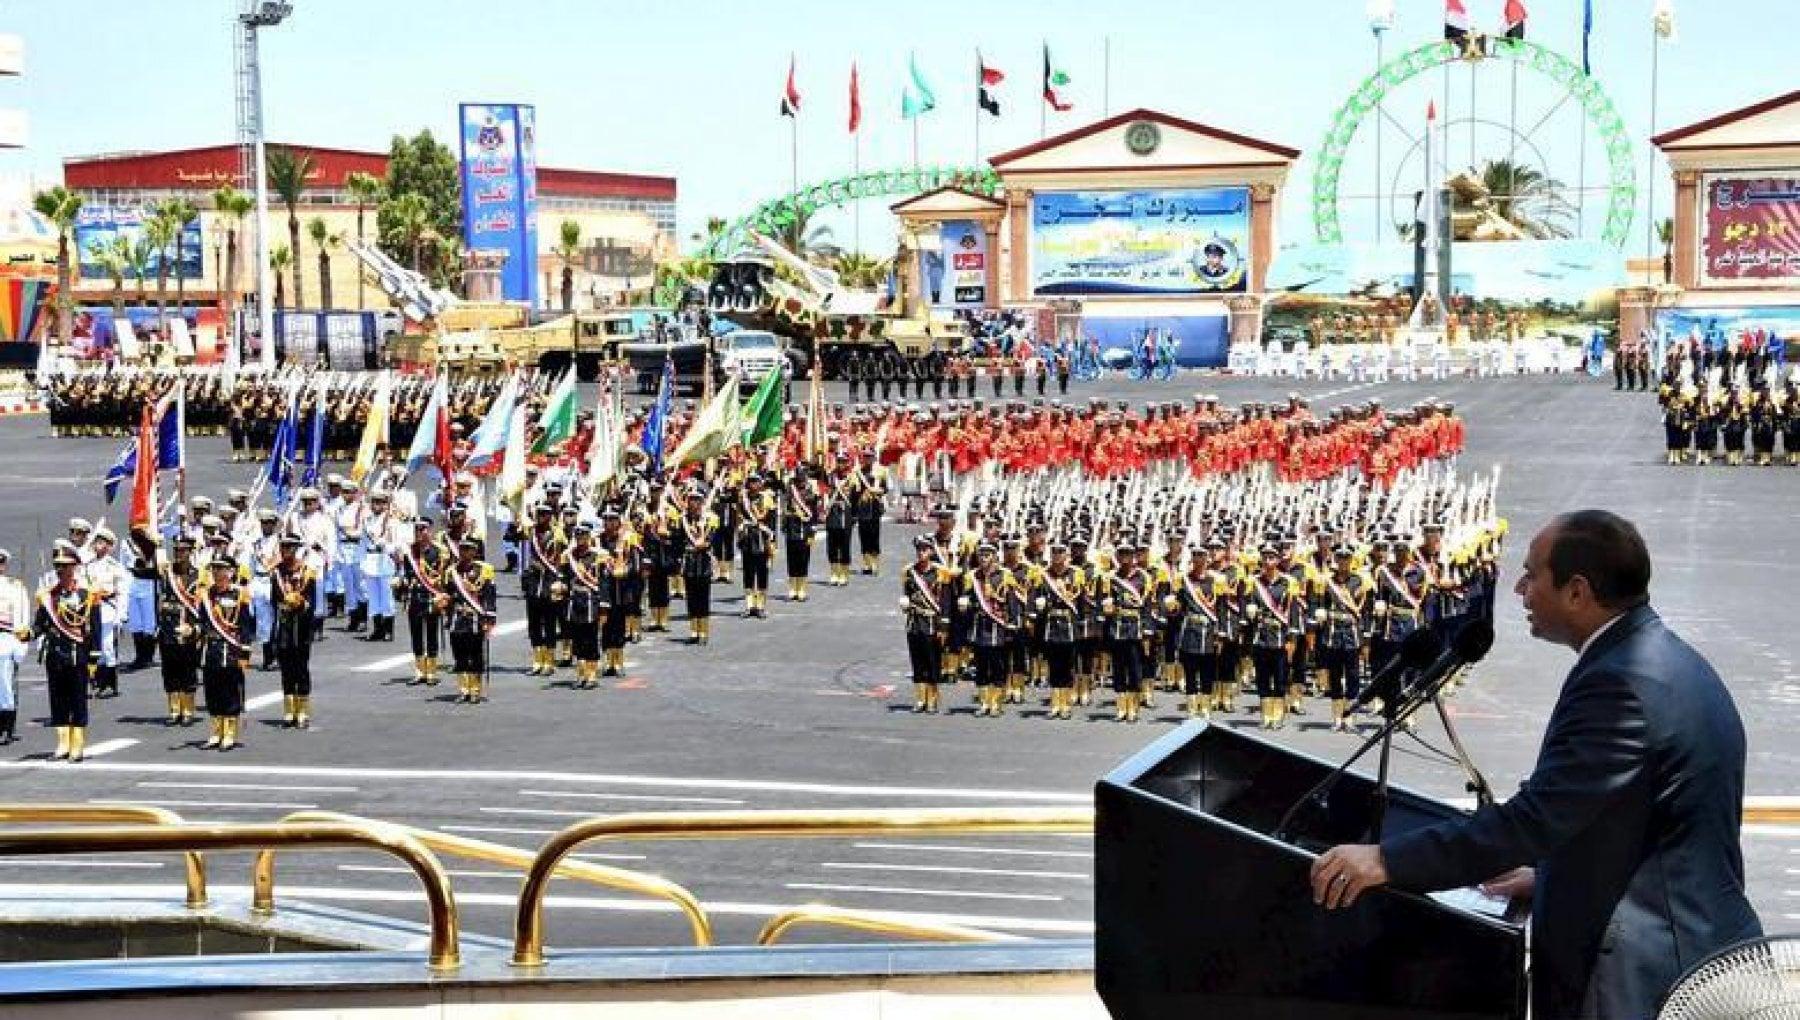 225753497 1916df3e 004b 4c9d 985c 9a7079109728 - Economia in mano ai militari: così Al Sisi controlla l'Egitto